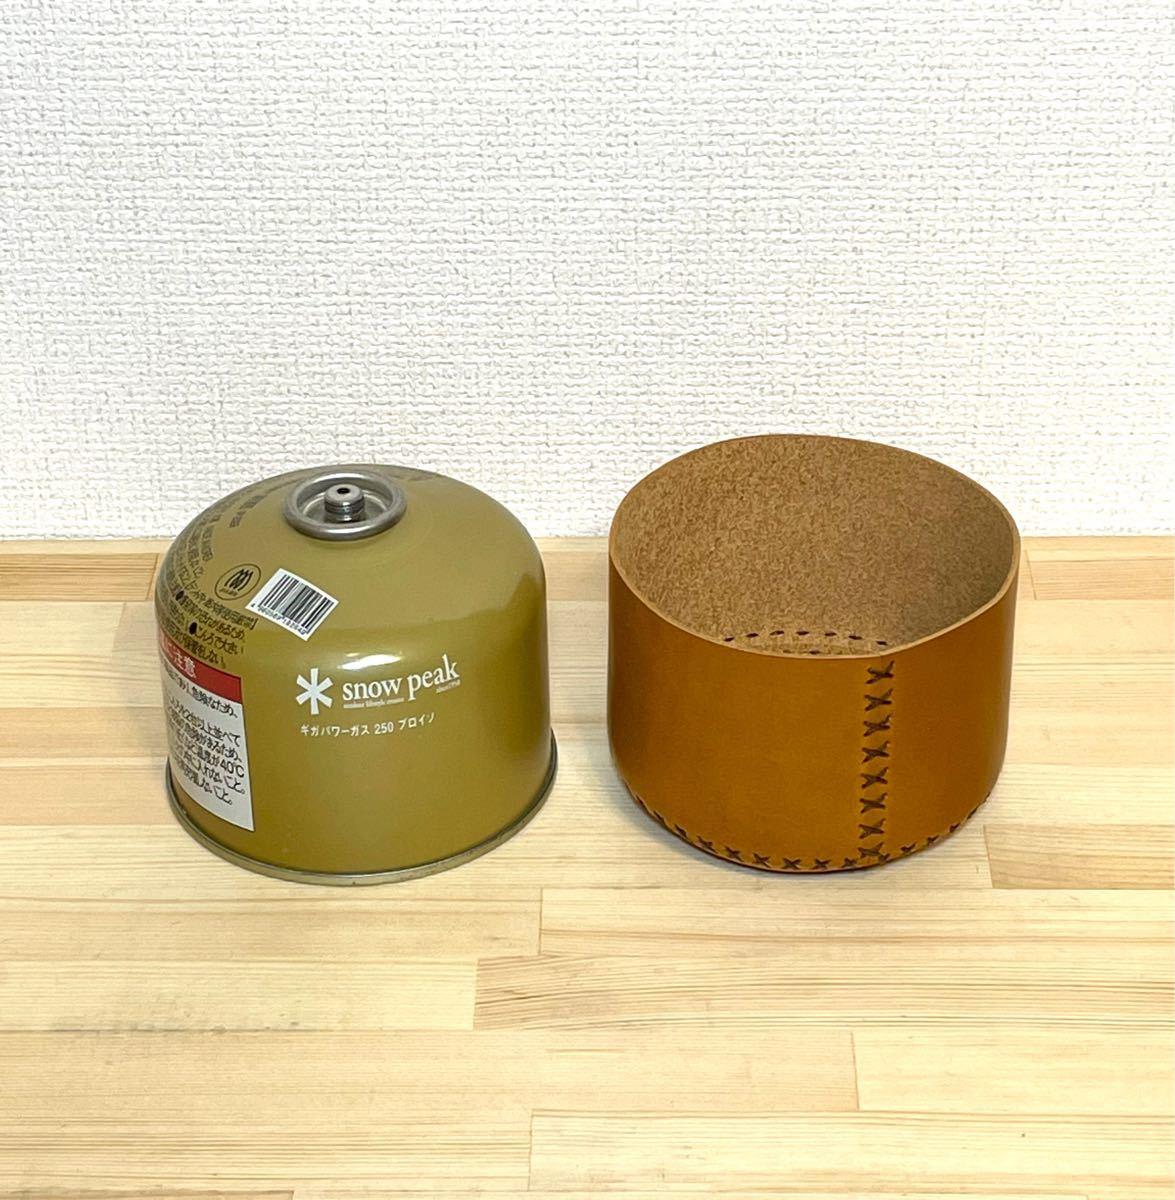 【ヌメ革】本革ガス缶カバー OD缶カバー レザーカバー ノクターン ルミエール エジソンランタン キャンドルランタンカバー